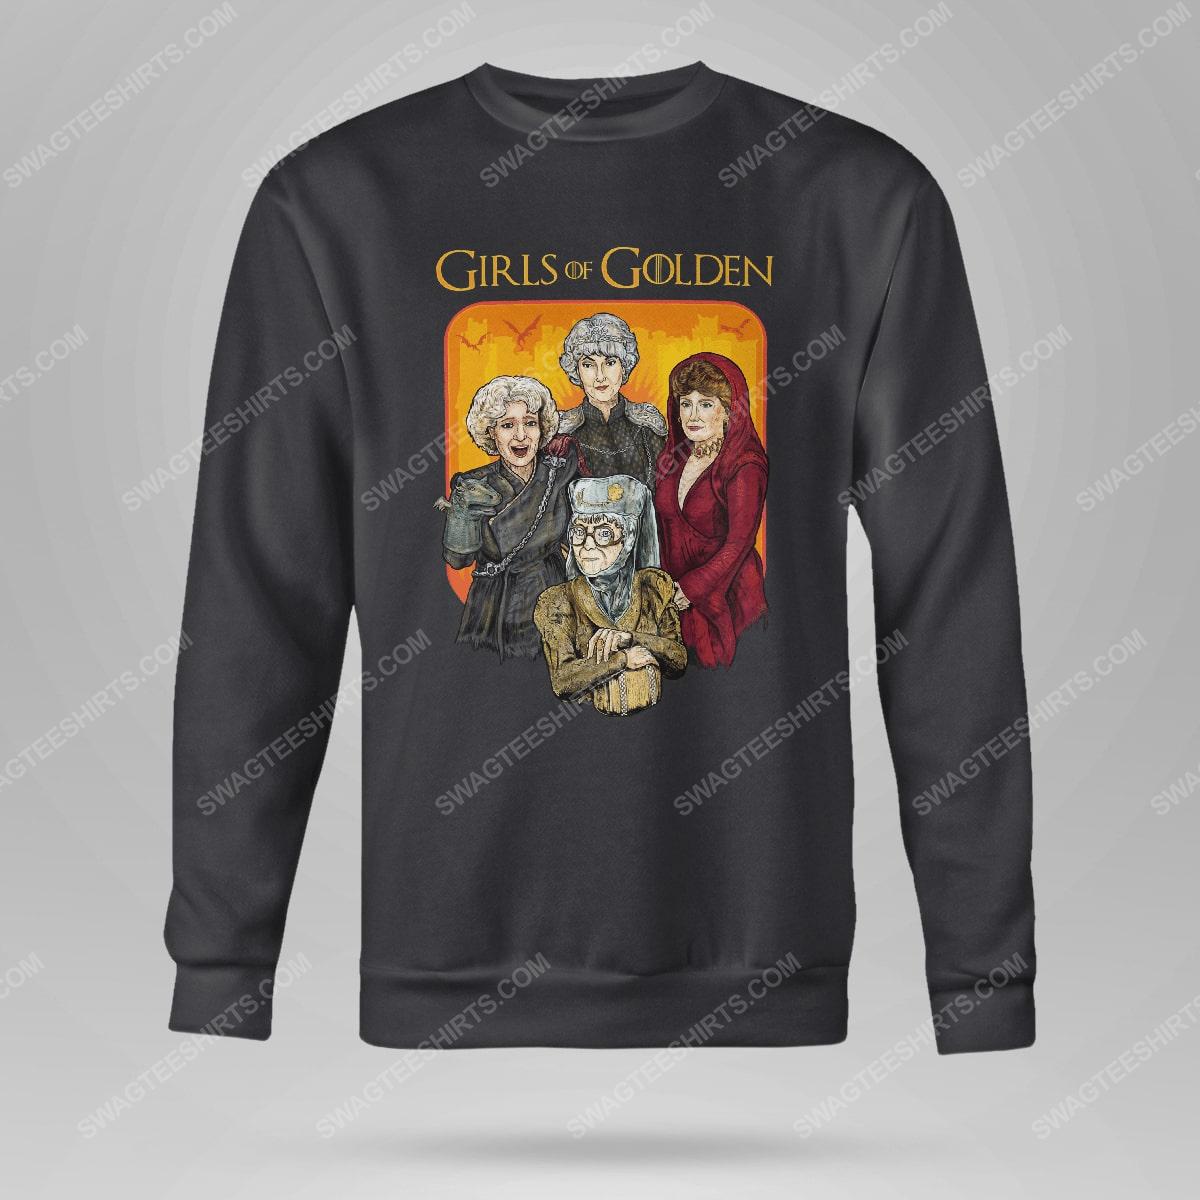 Game of thrones and the golden girls girls of golden sweatshirt(1)